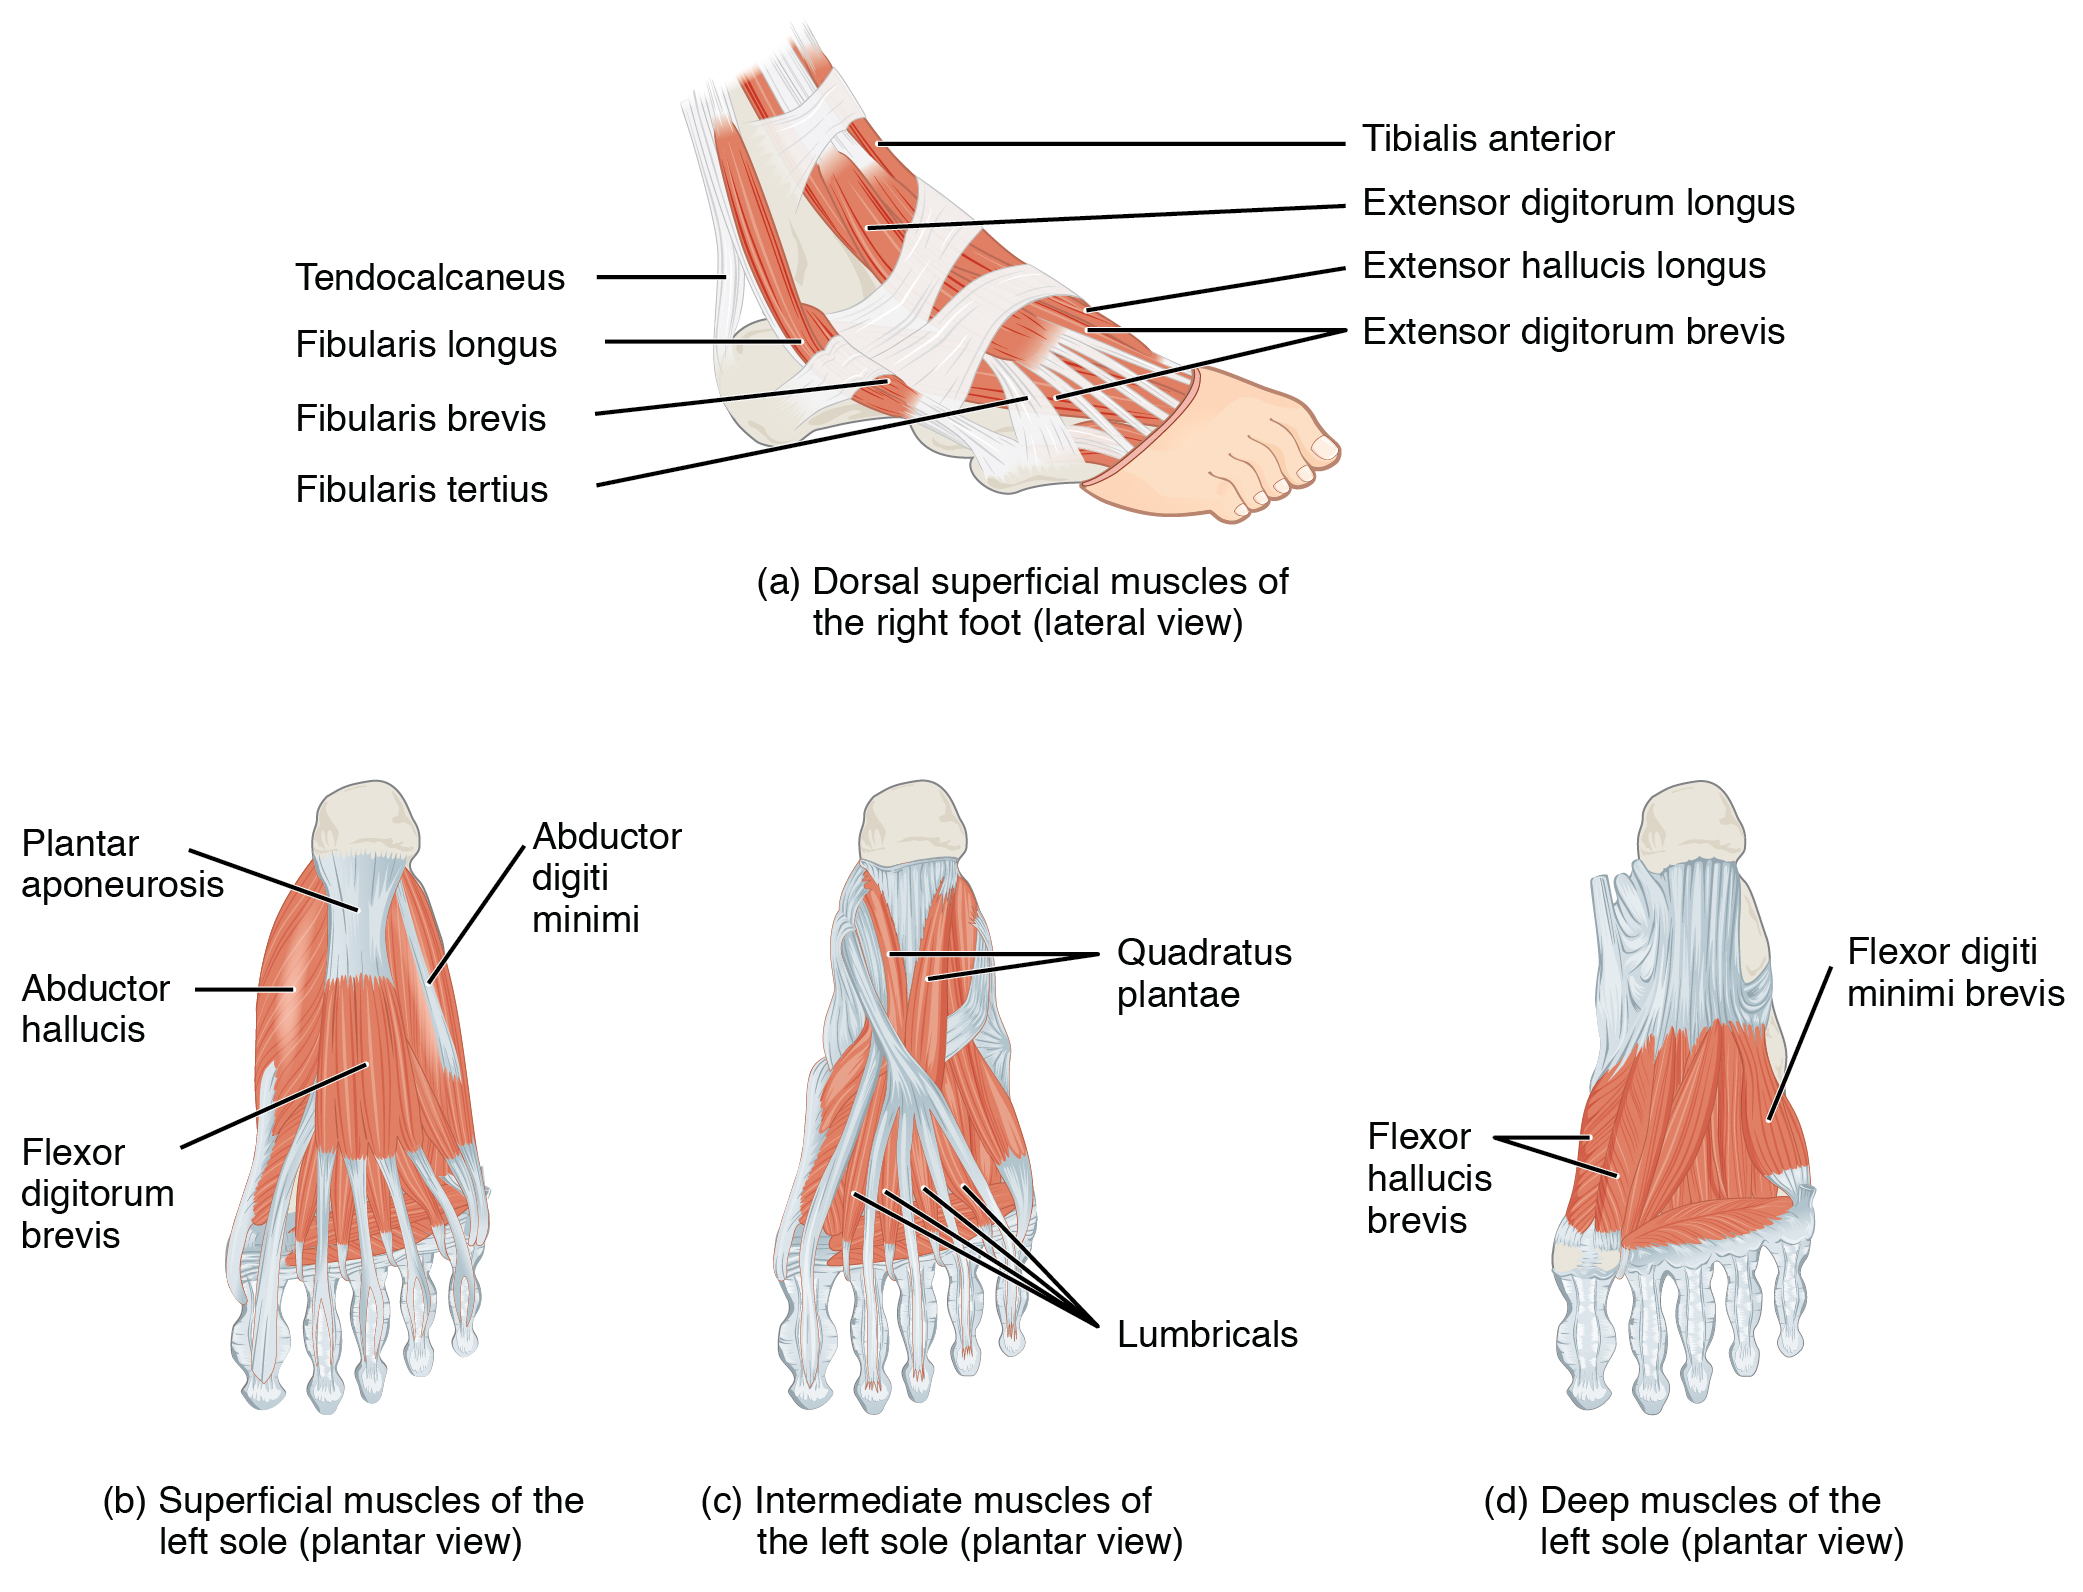 Muskulatur von Unterschenkel und Fuß